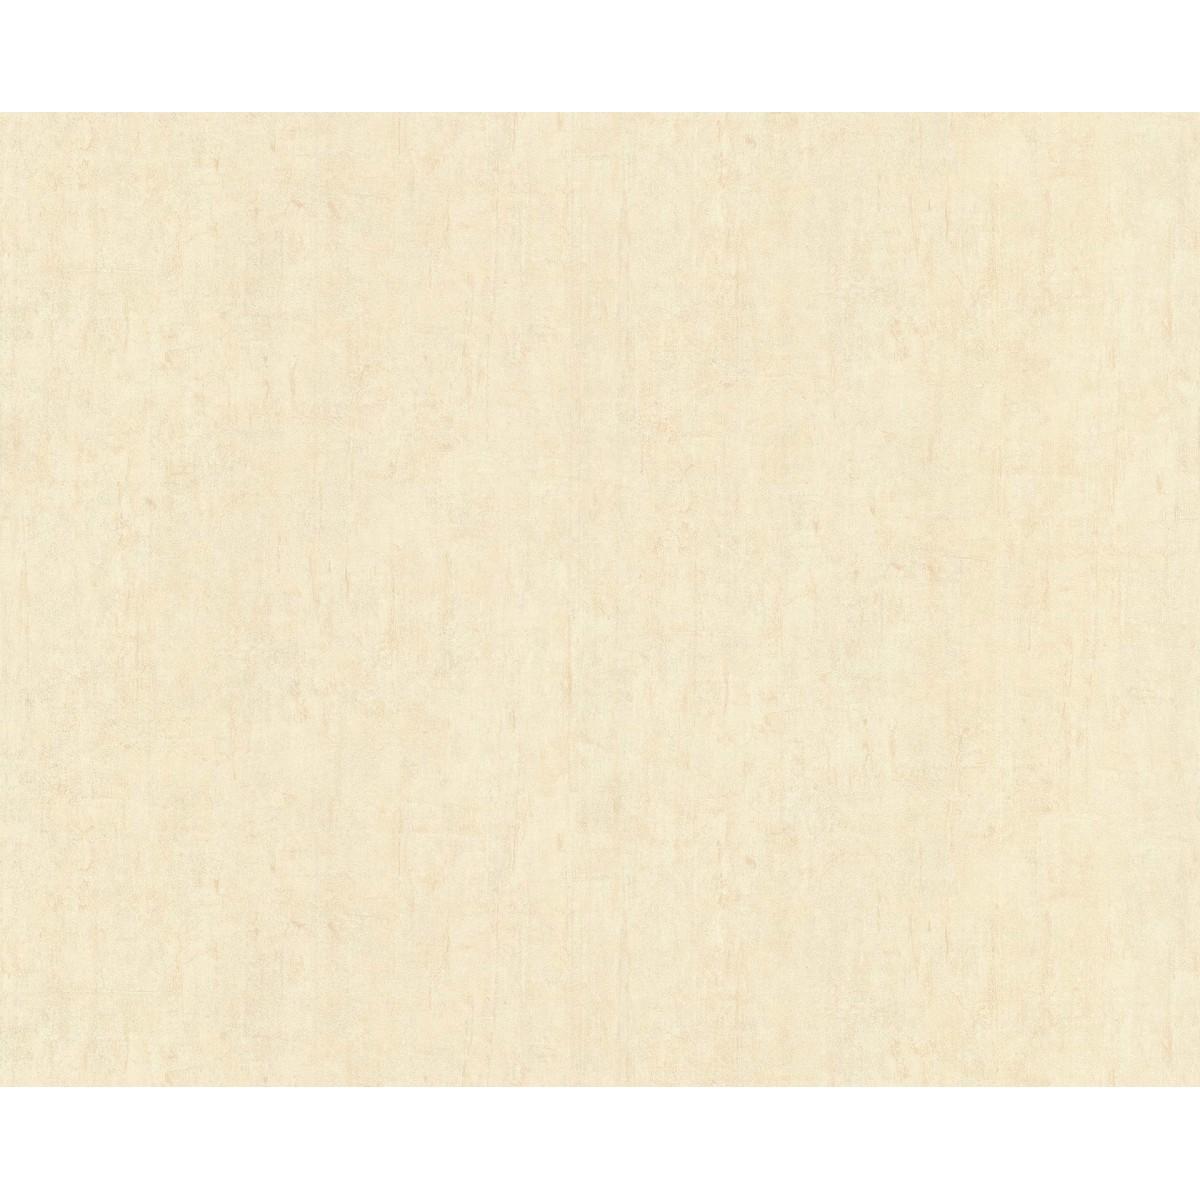 Обои флизелиновые Мир Авангард Platinum серые 1.06 м 46-109-01